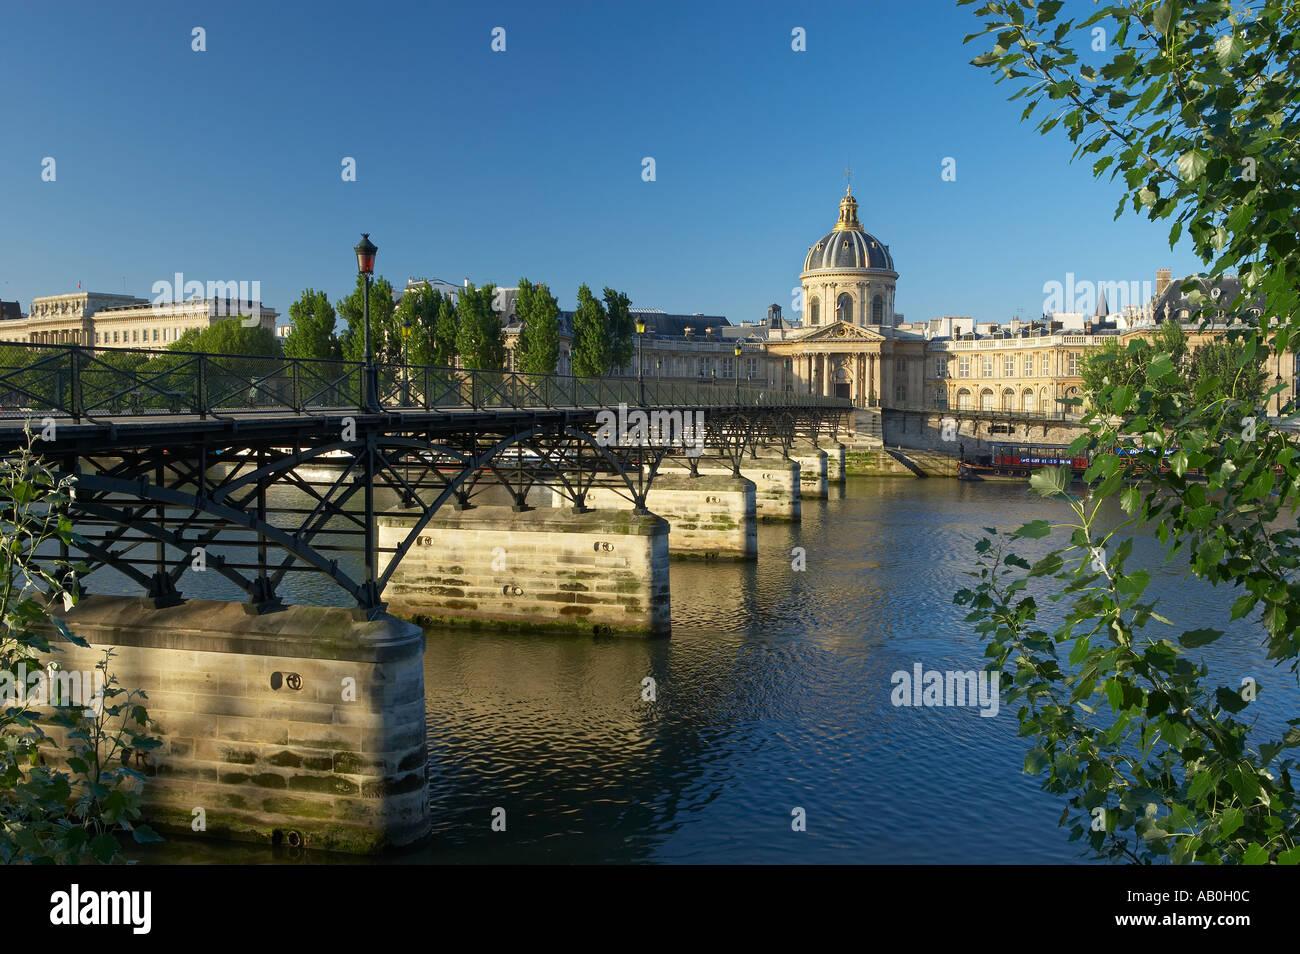 The Pont des Arts over the River Seine with the Instituit de France beyond Paris France - Stock Image